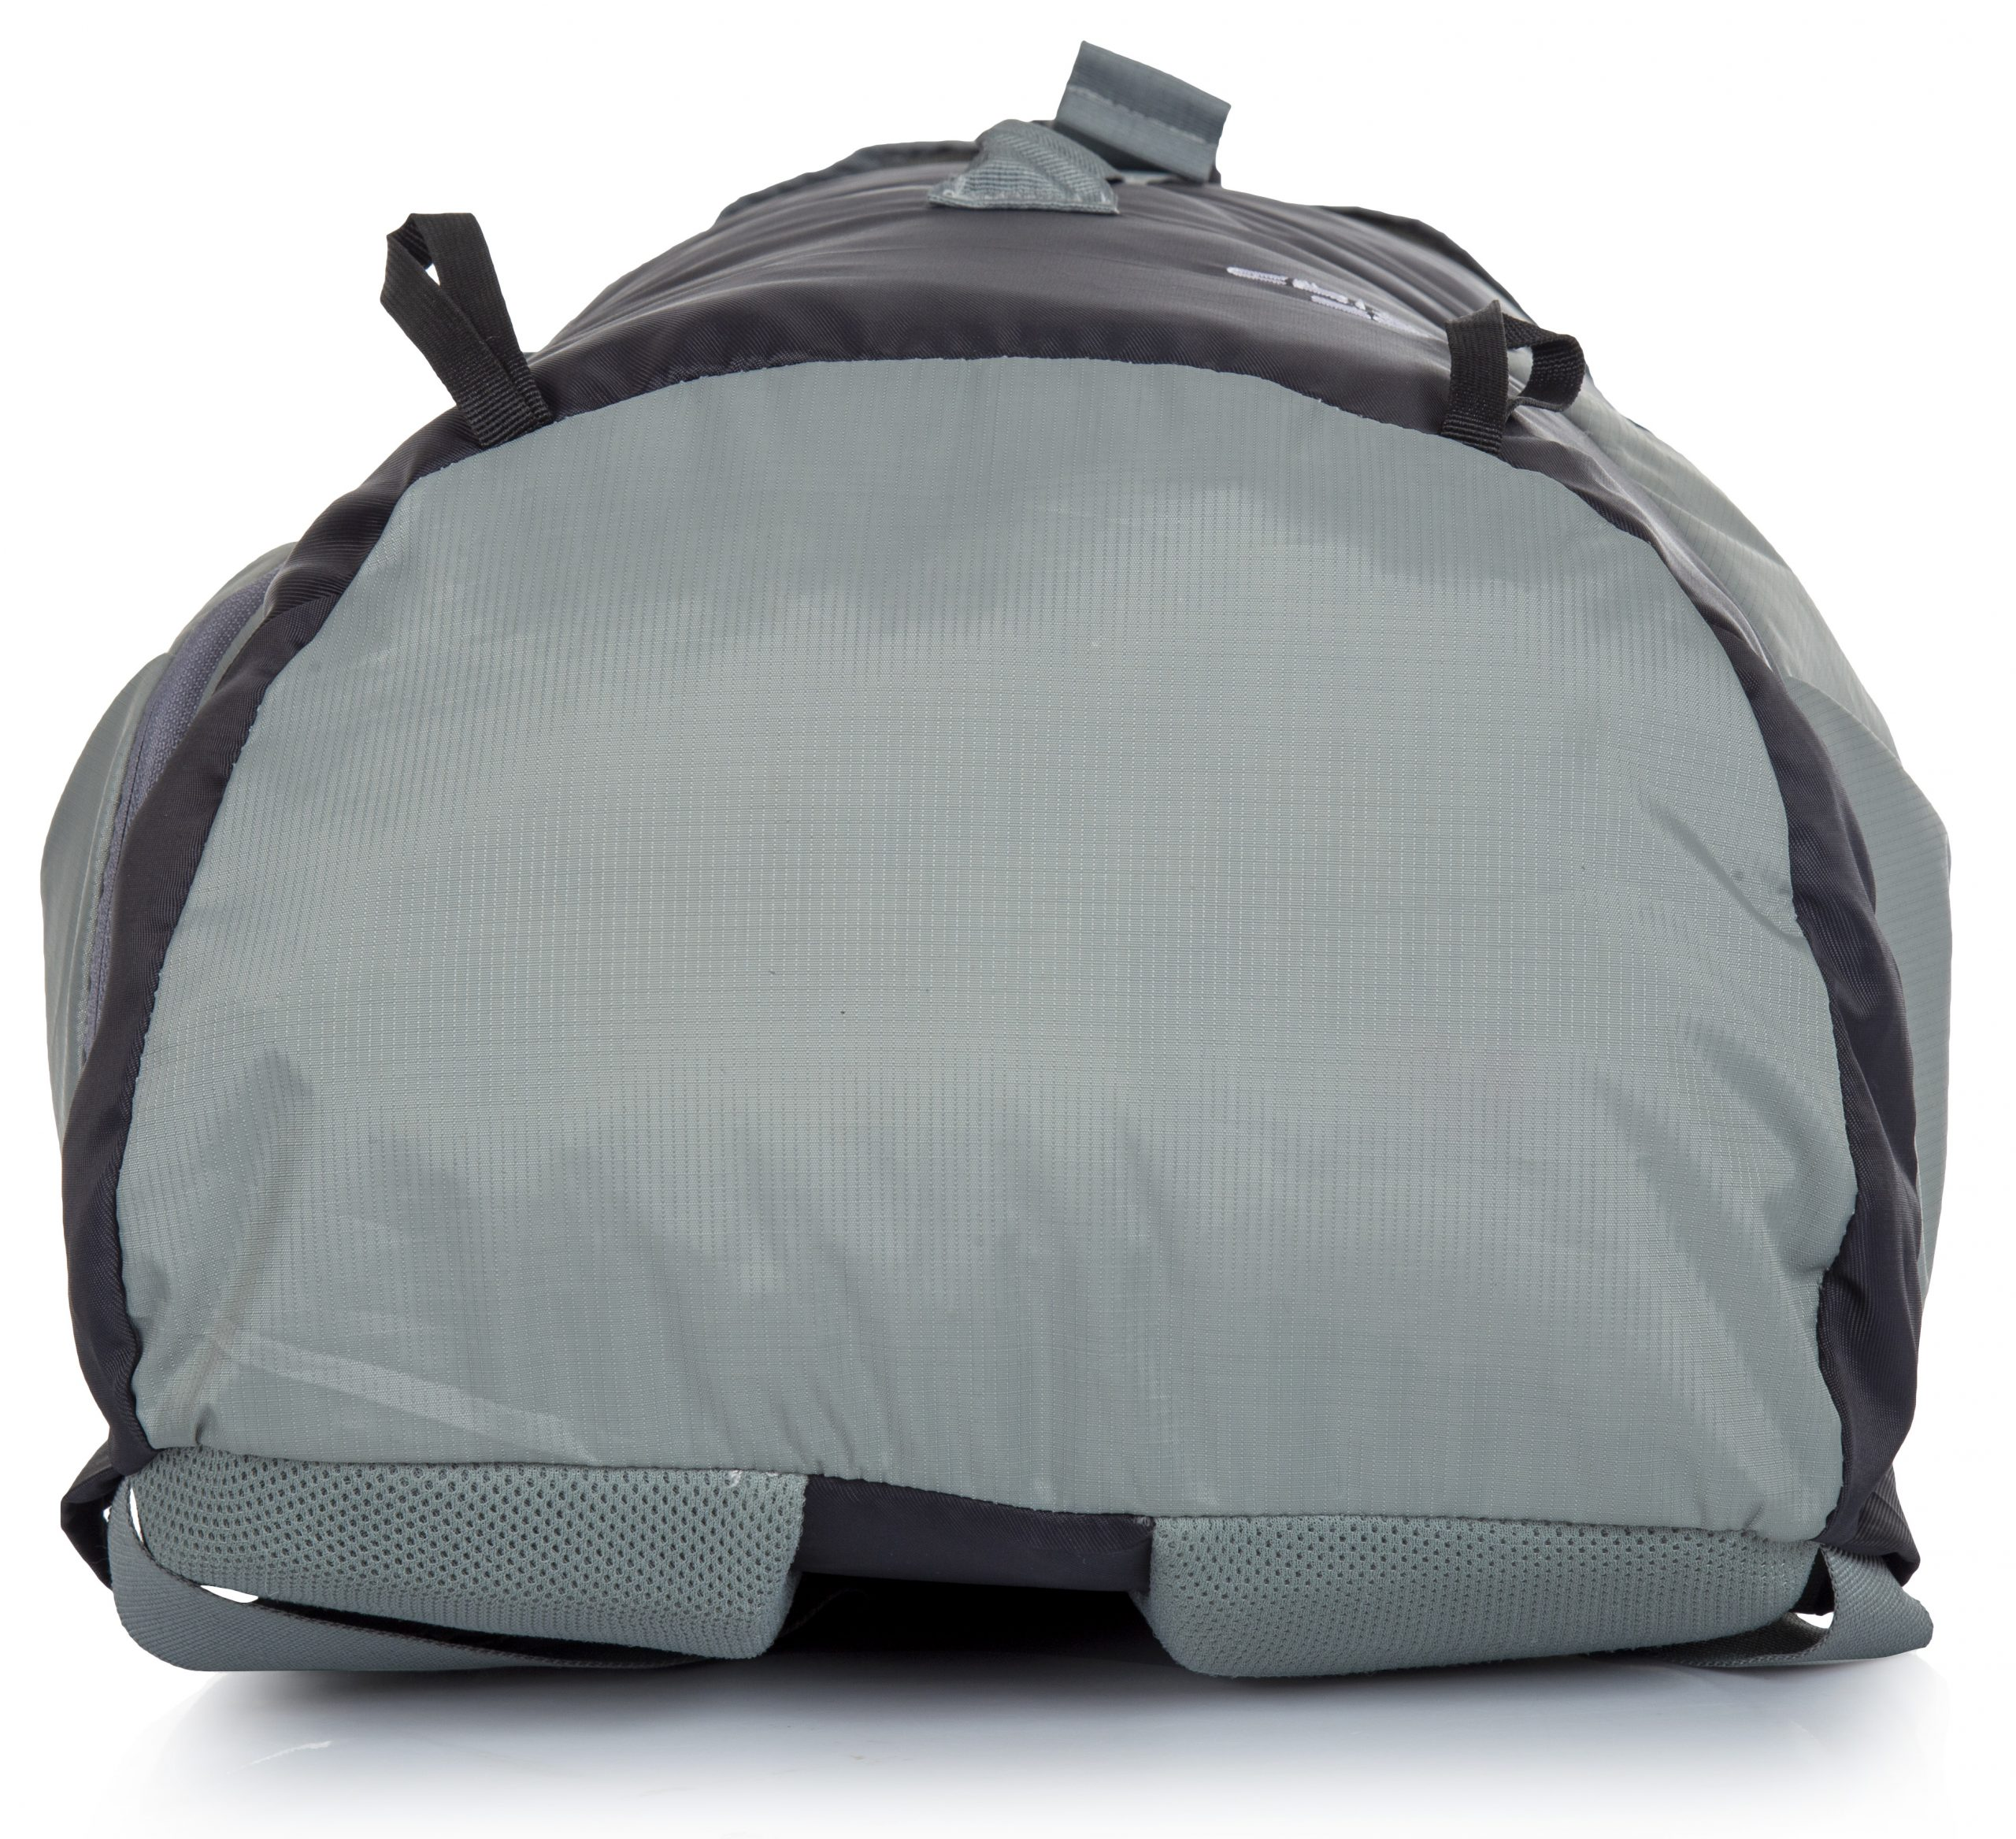 Outdoor trips Bag